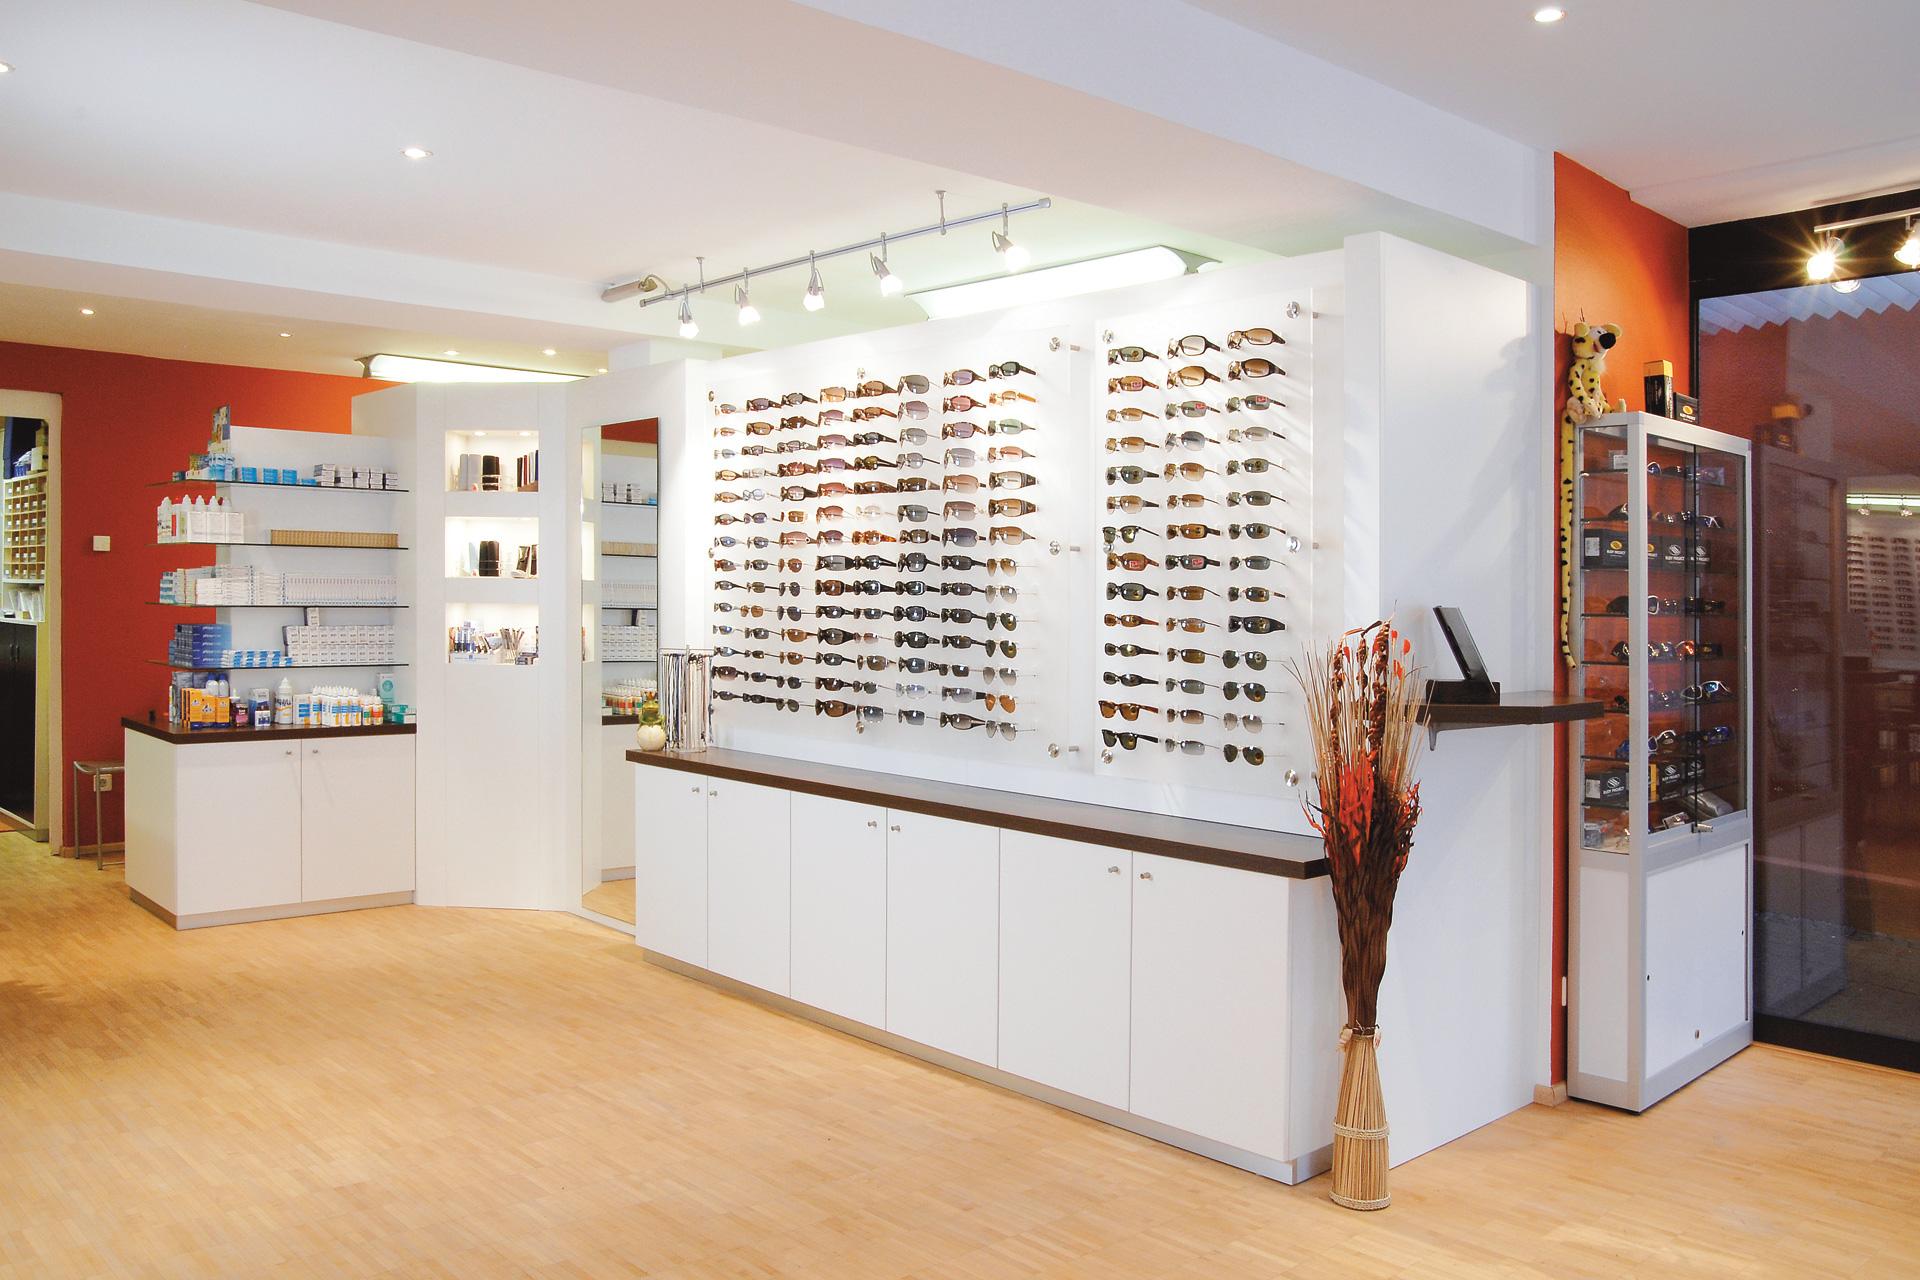 Augenoptiker abakus, Ravensburg